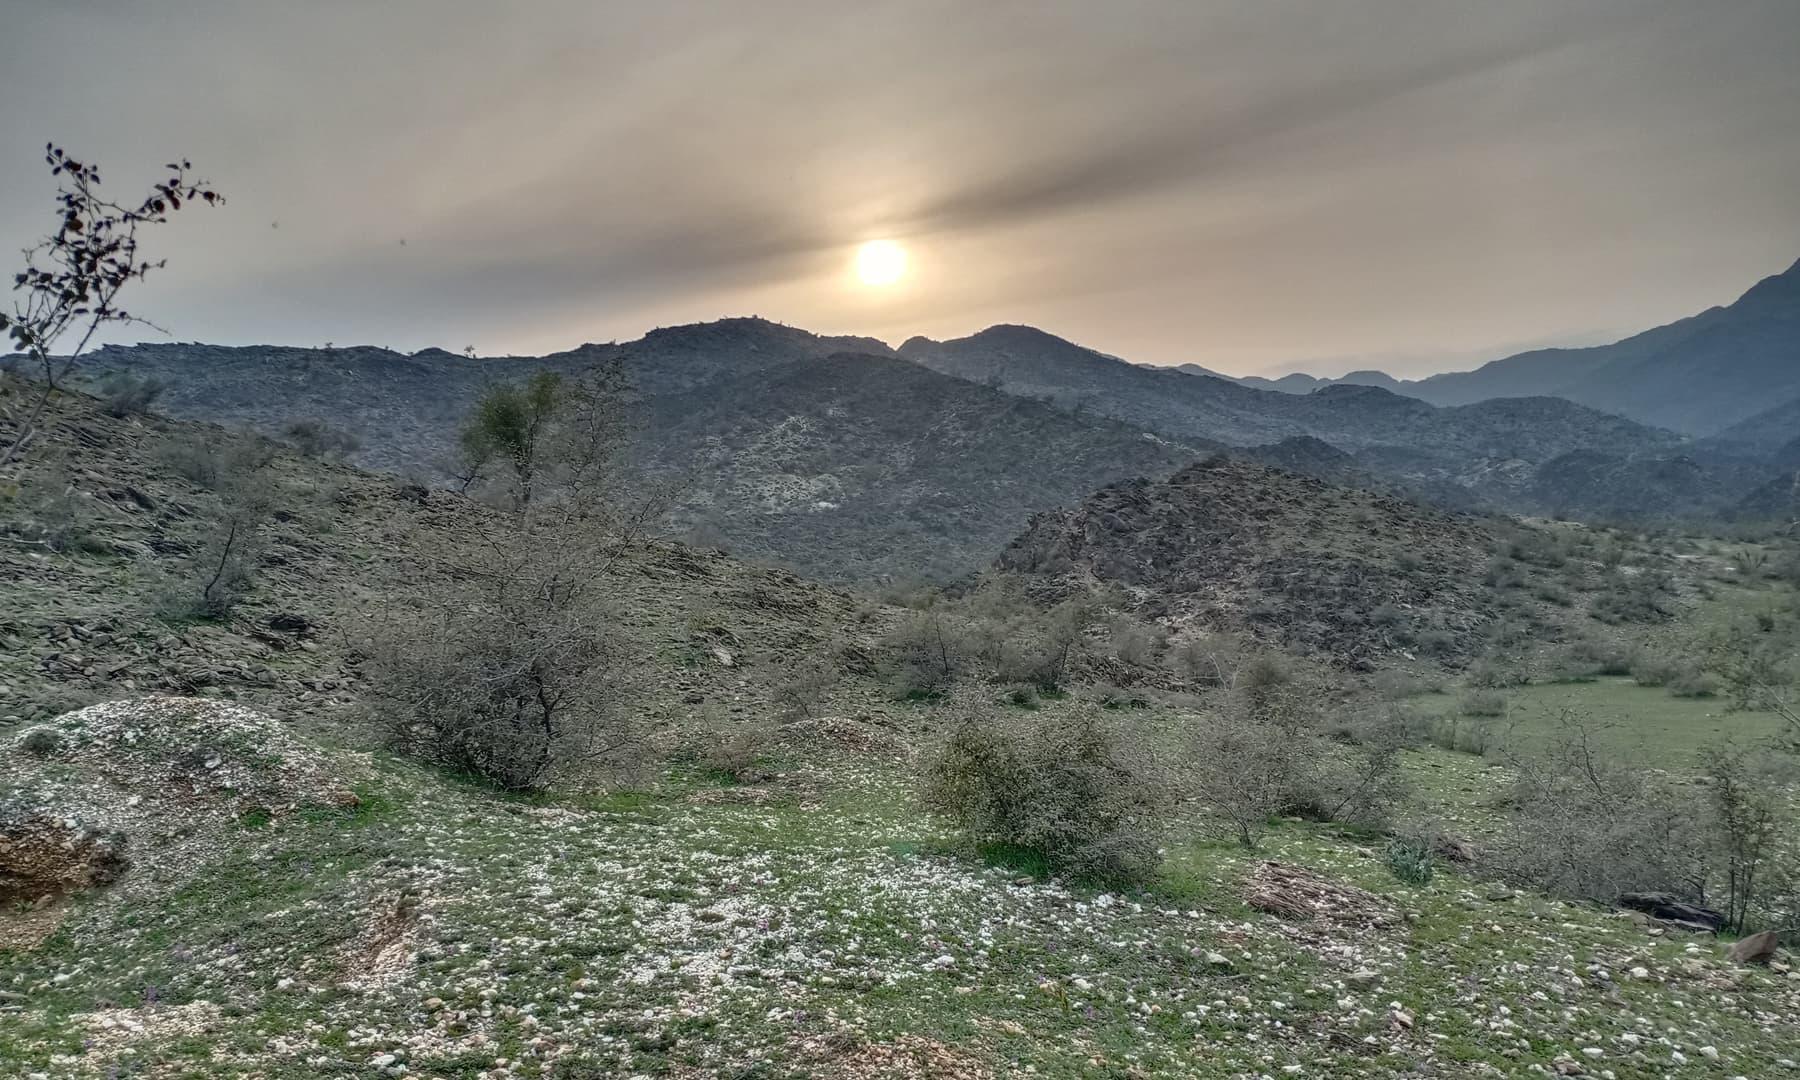 میاں پٹے کا علاقہ مہمند قبائل اور انگریزوں کے درمیان لڑی جانے والی جنگوں کا میدان بنا رہا—عظمت اکبر